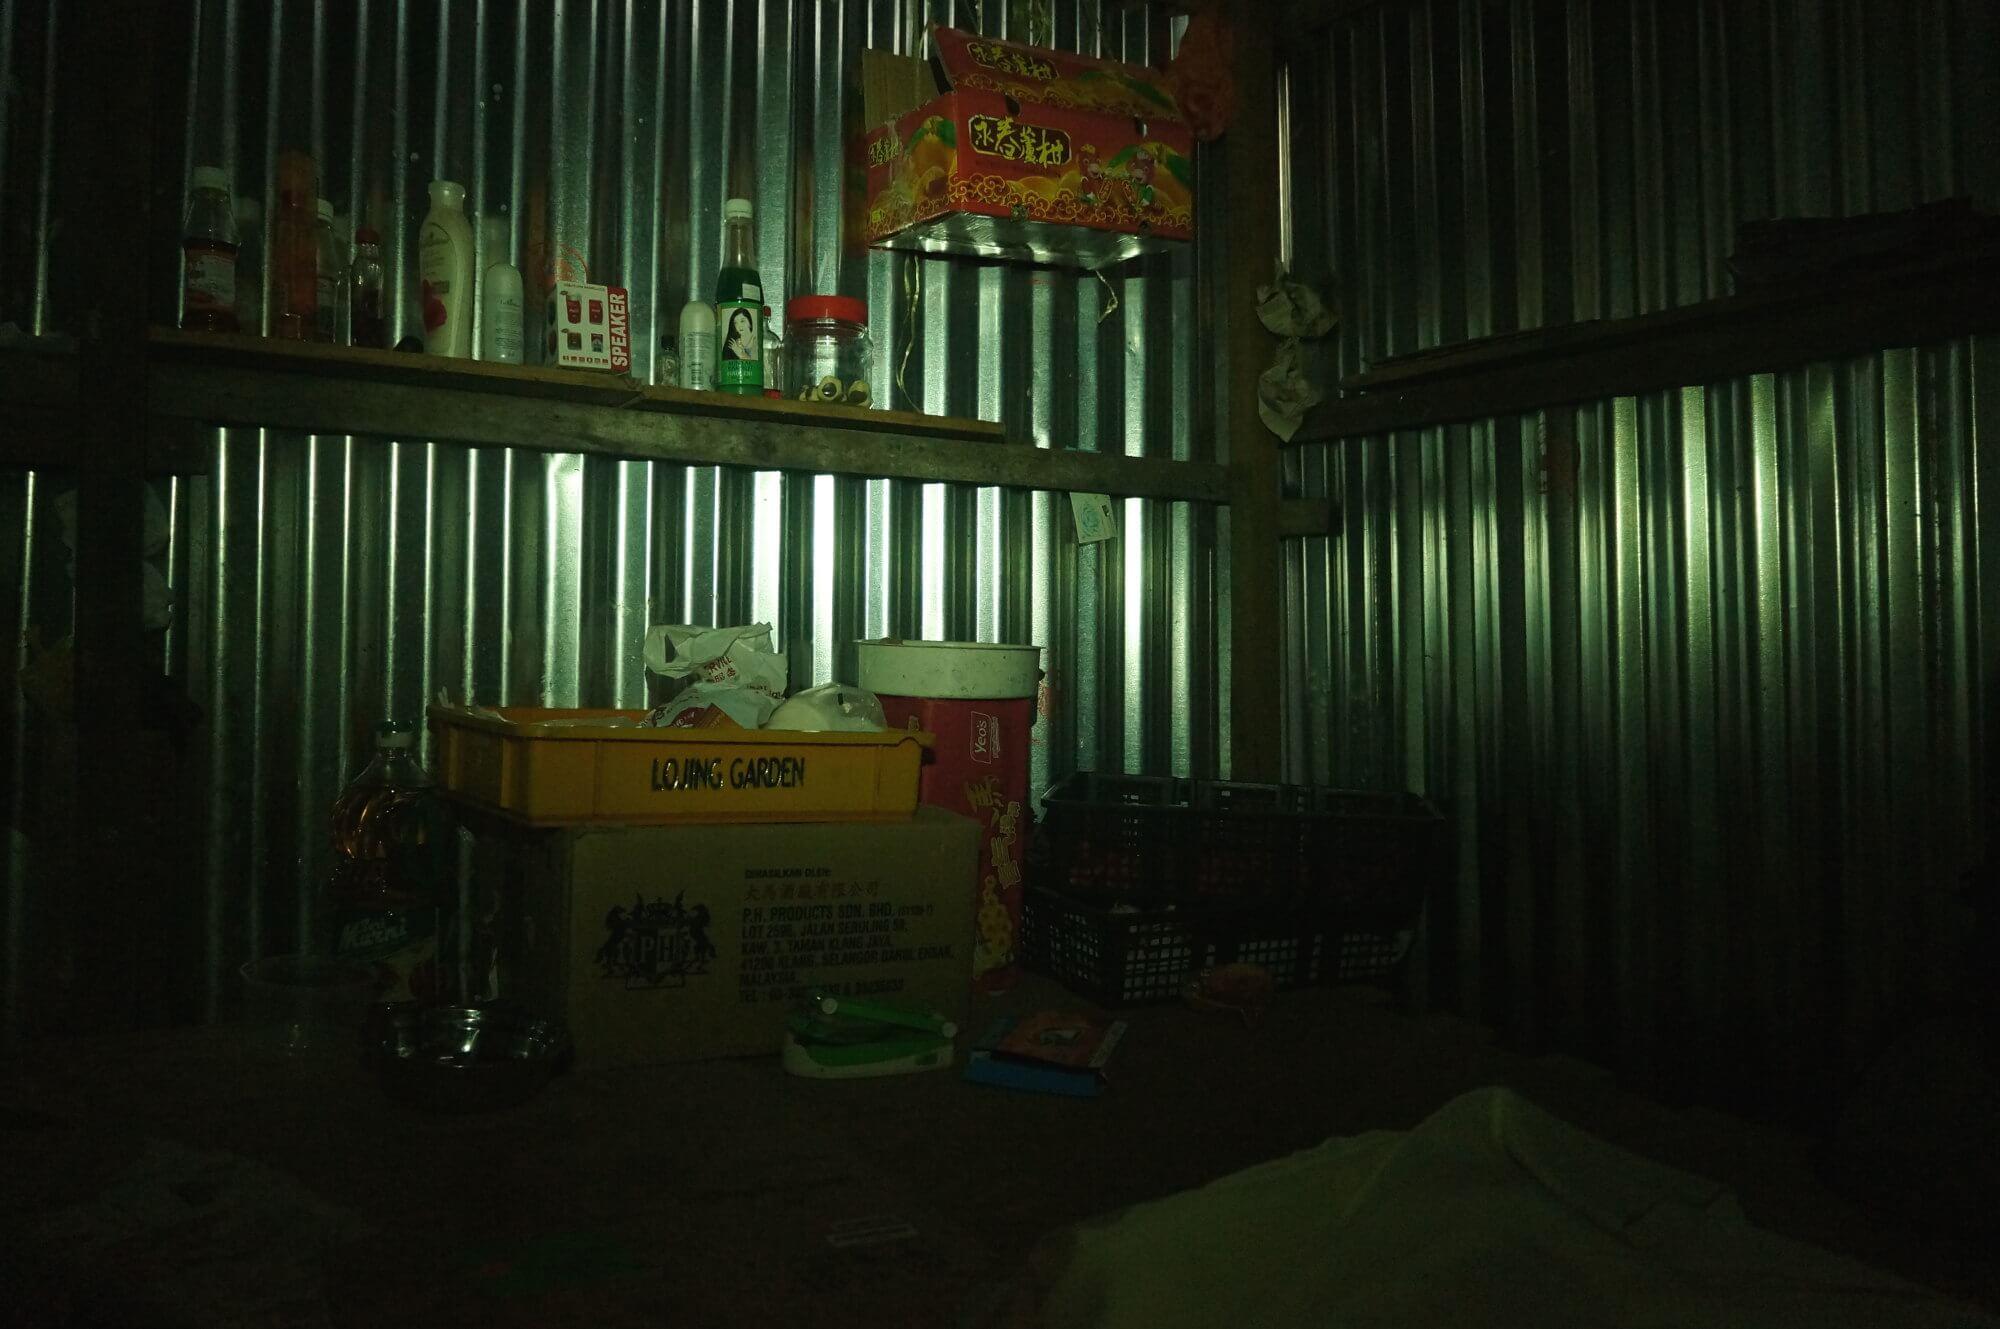 chata-nepalczyka